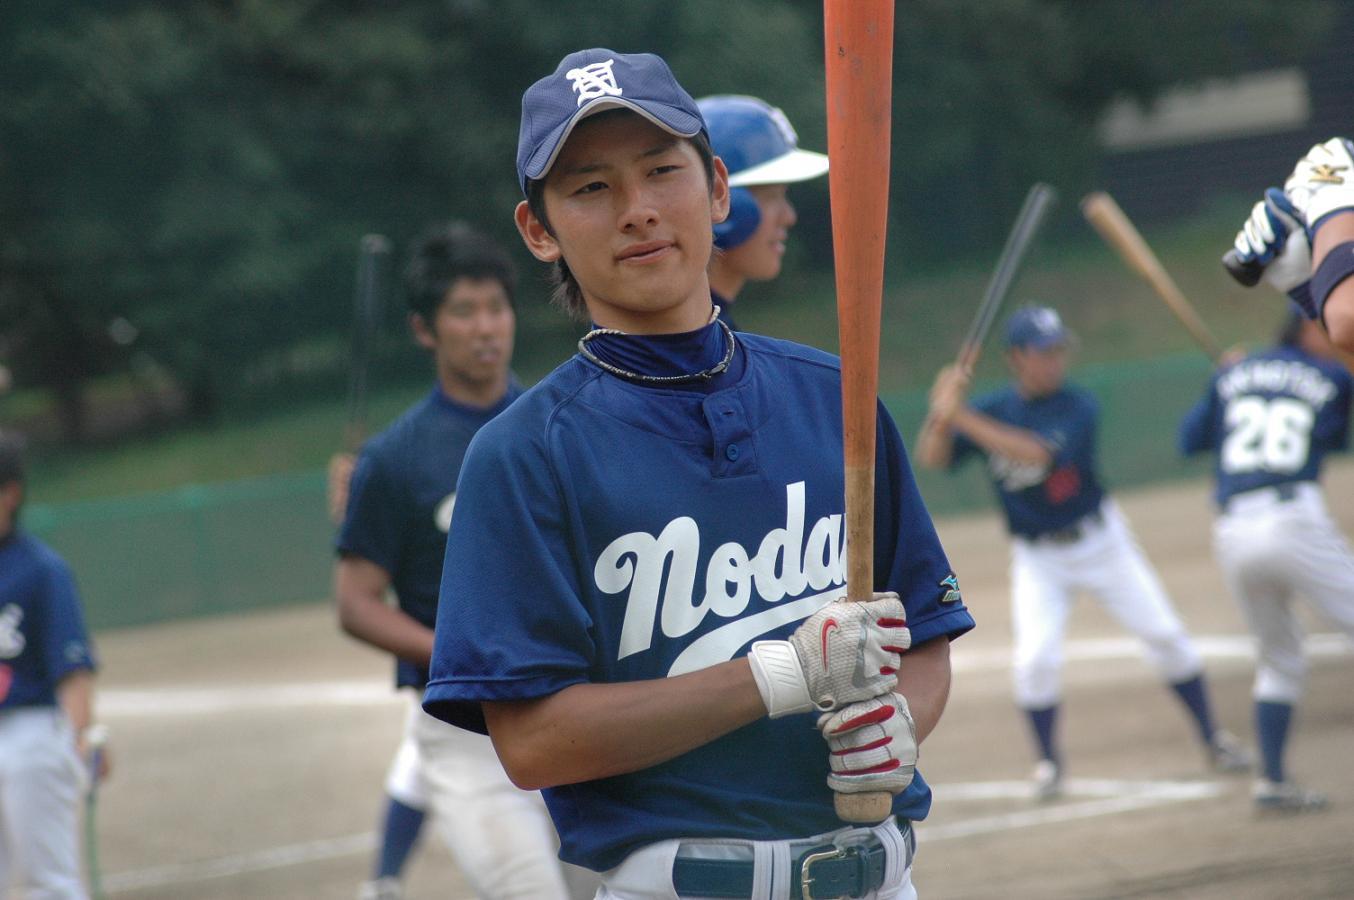 高校野球【夏の甲子園 年】丸刈り(坊主)禁止 …